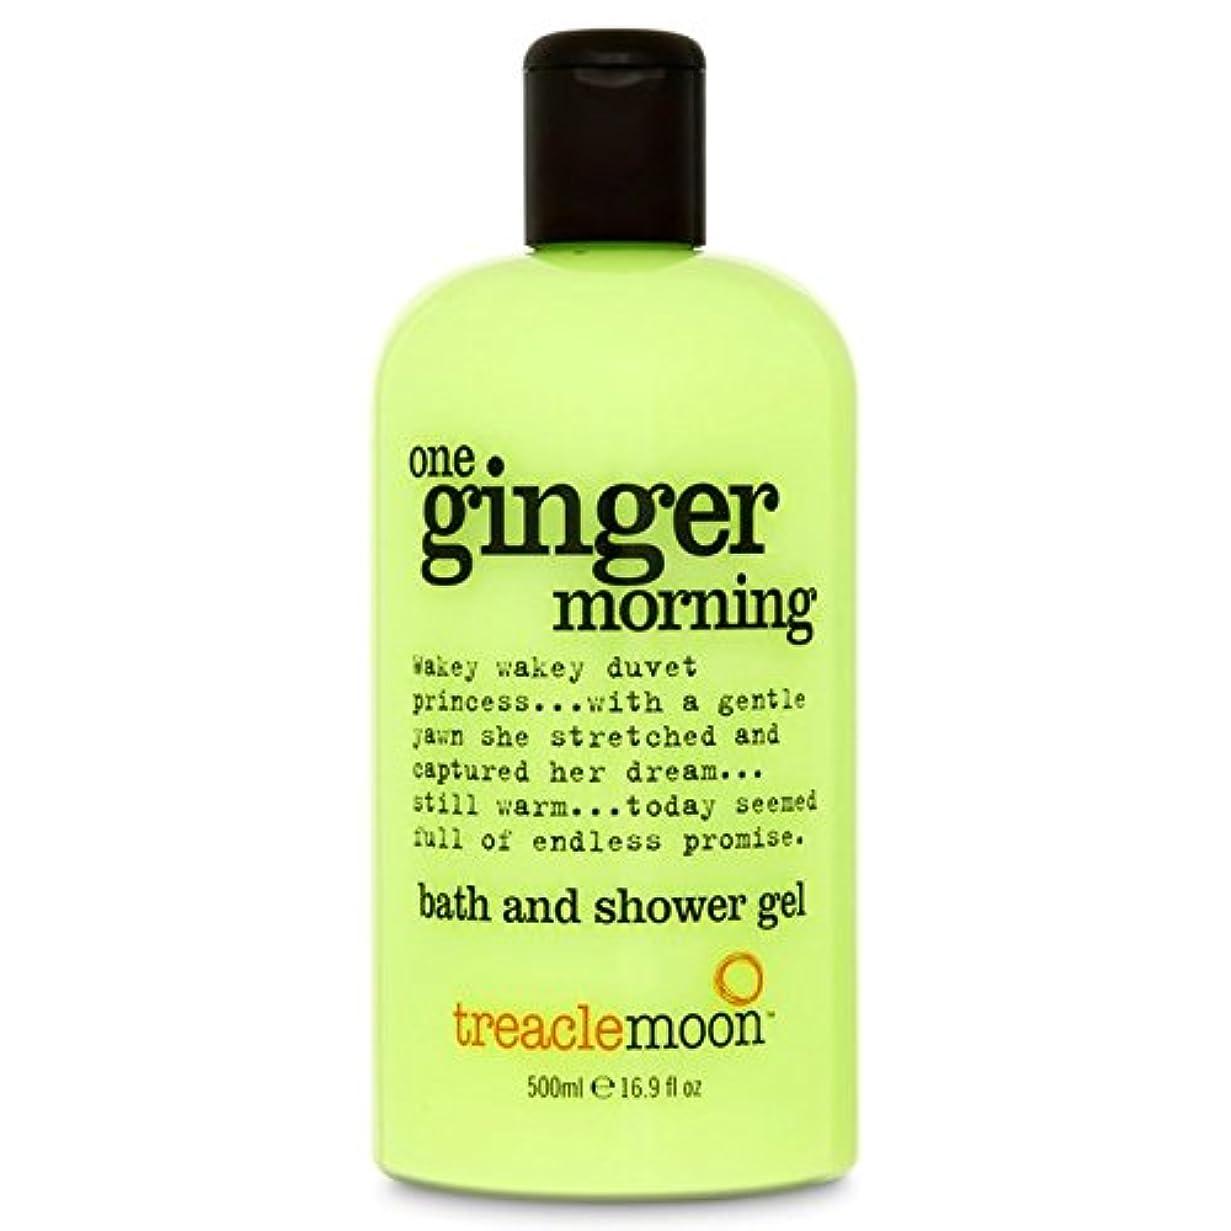 民兵伝染性の議会Treacle Moon Ginger Bath & Shower Gel 500ml - 糖蜜ムーンジンジャーバス&シャワージェル500ミリリットル [並行輸入品]